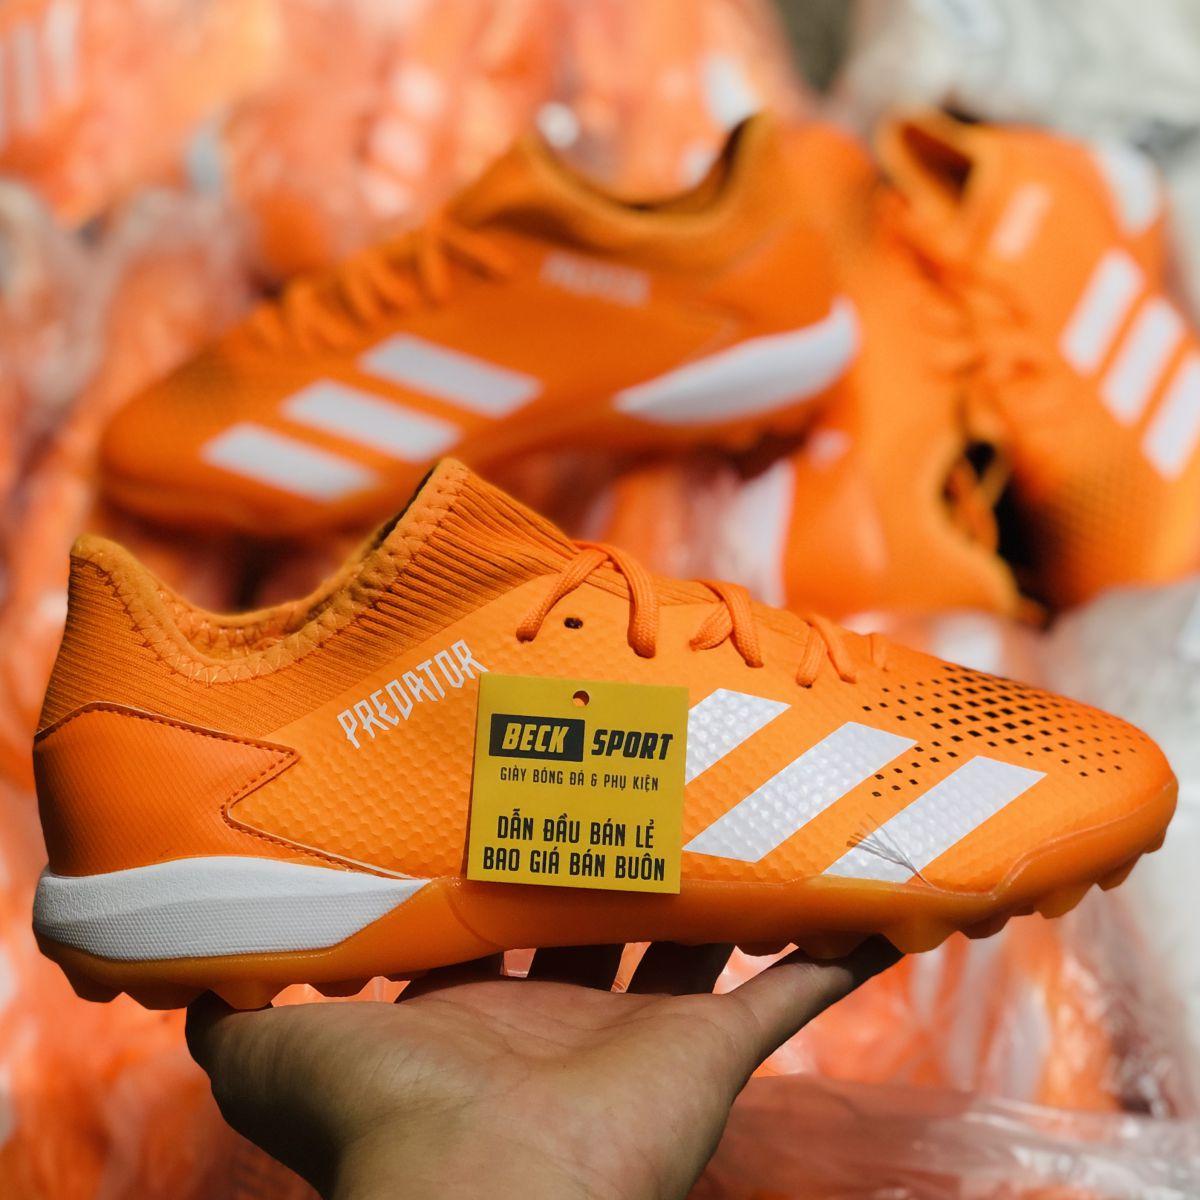 Giày Bóng Đá Adidas Predator 20.3 Cam Vạch Trắng Cổ Lửng HQ TF